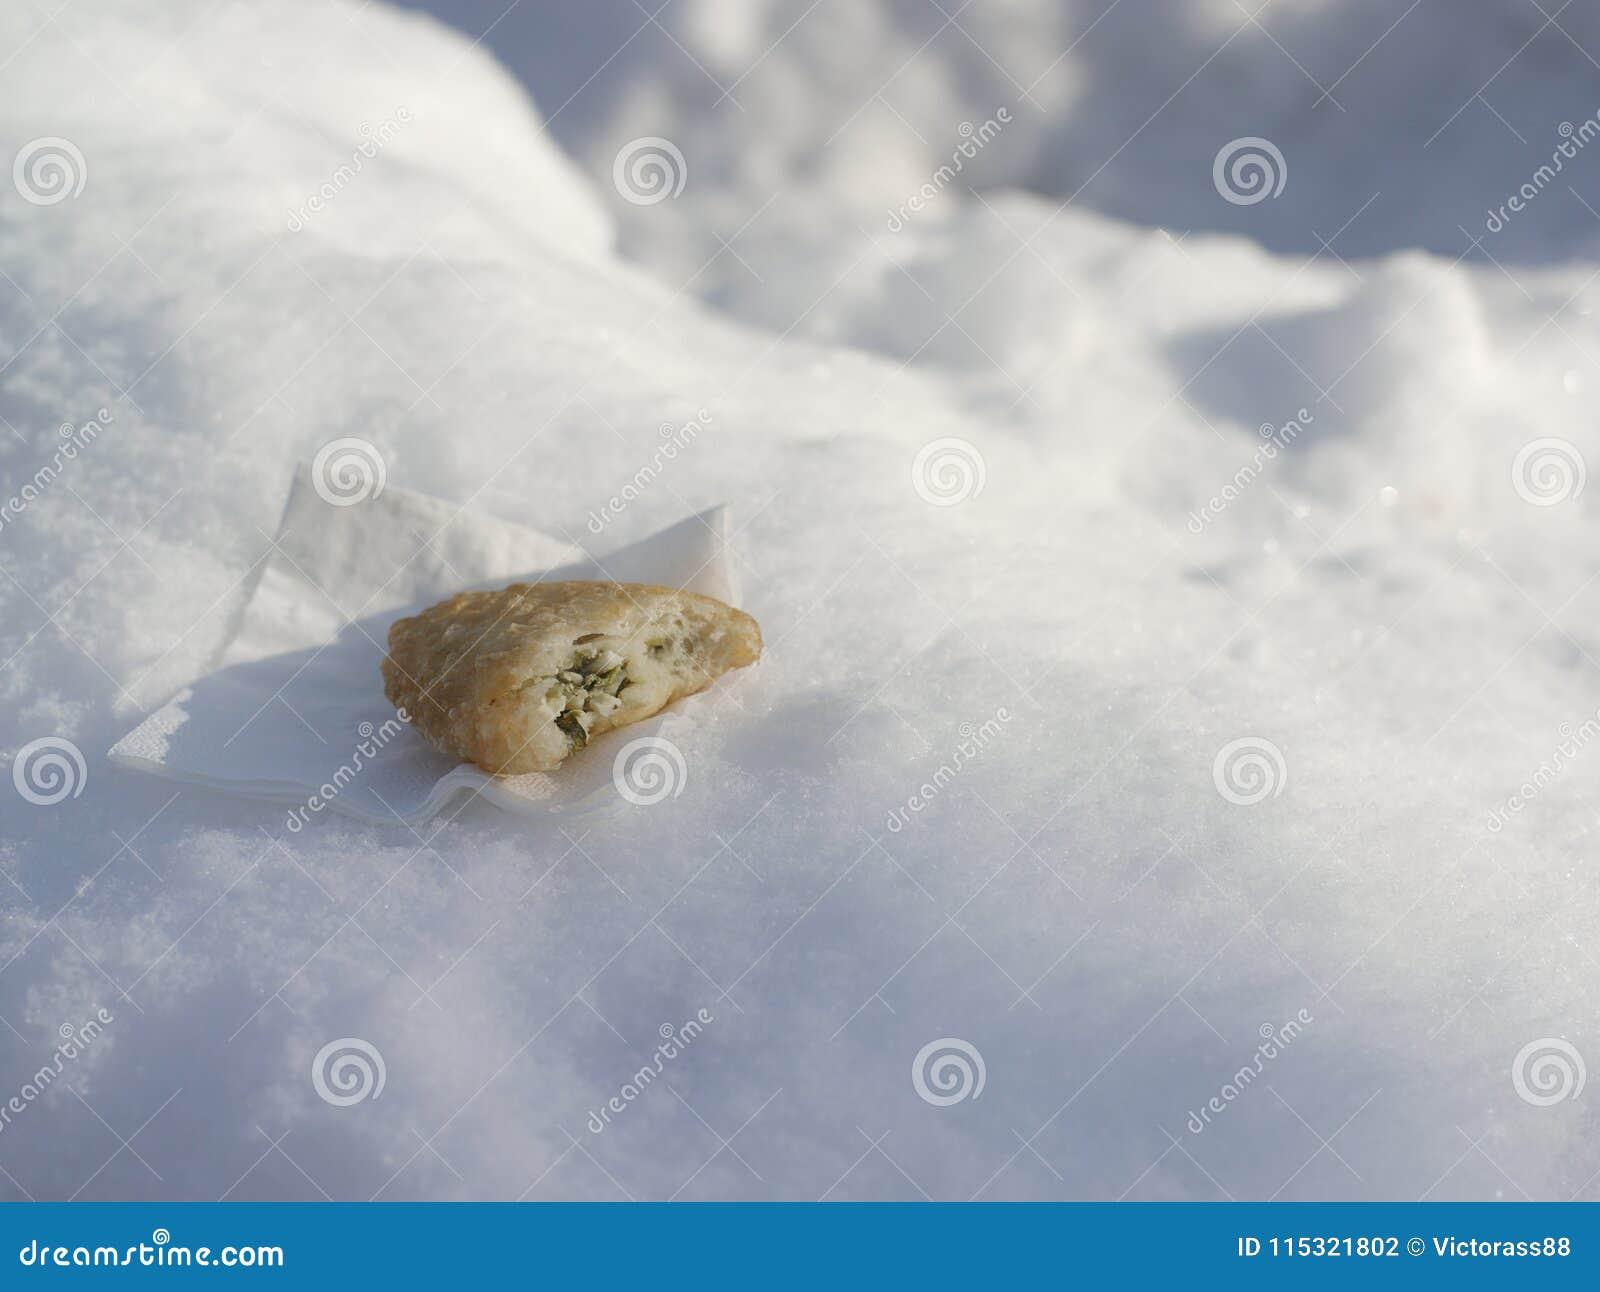 Morso di alimento su neve